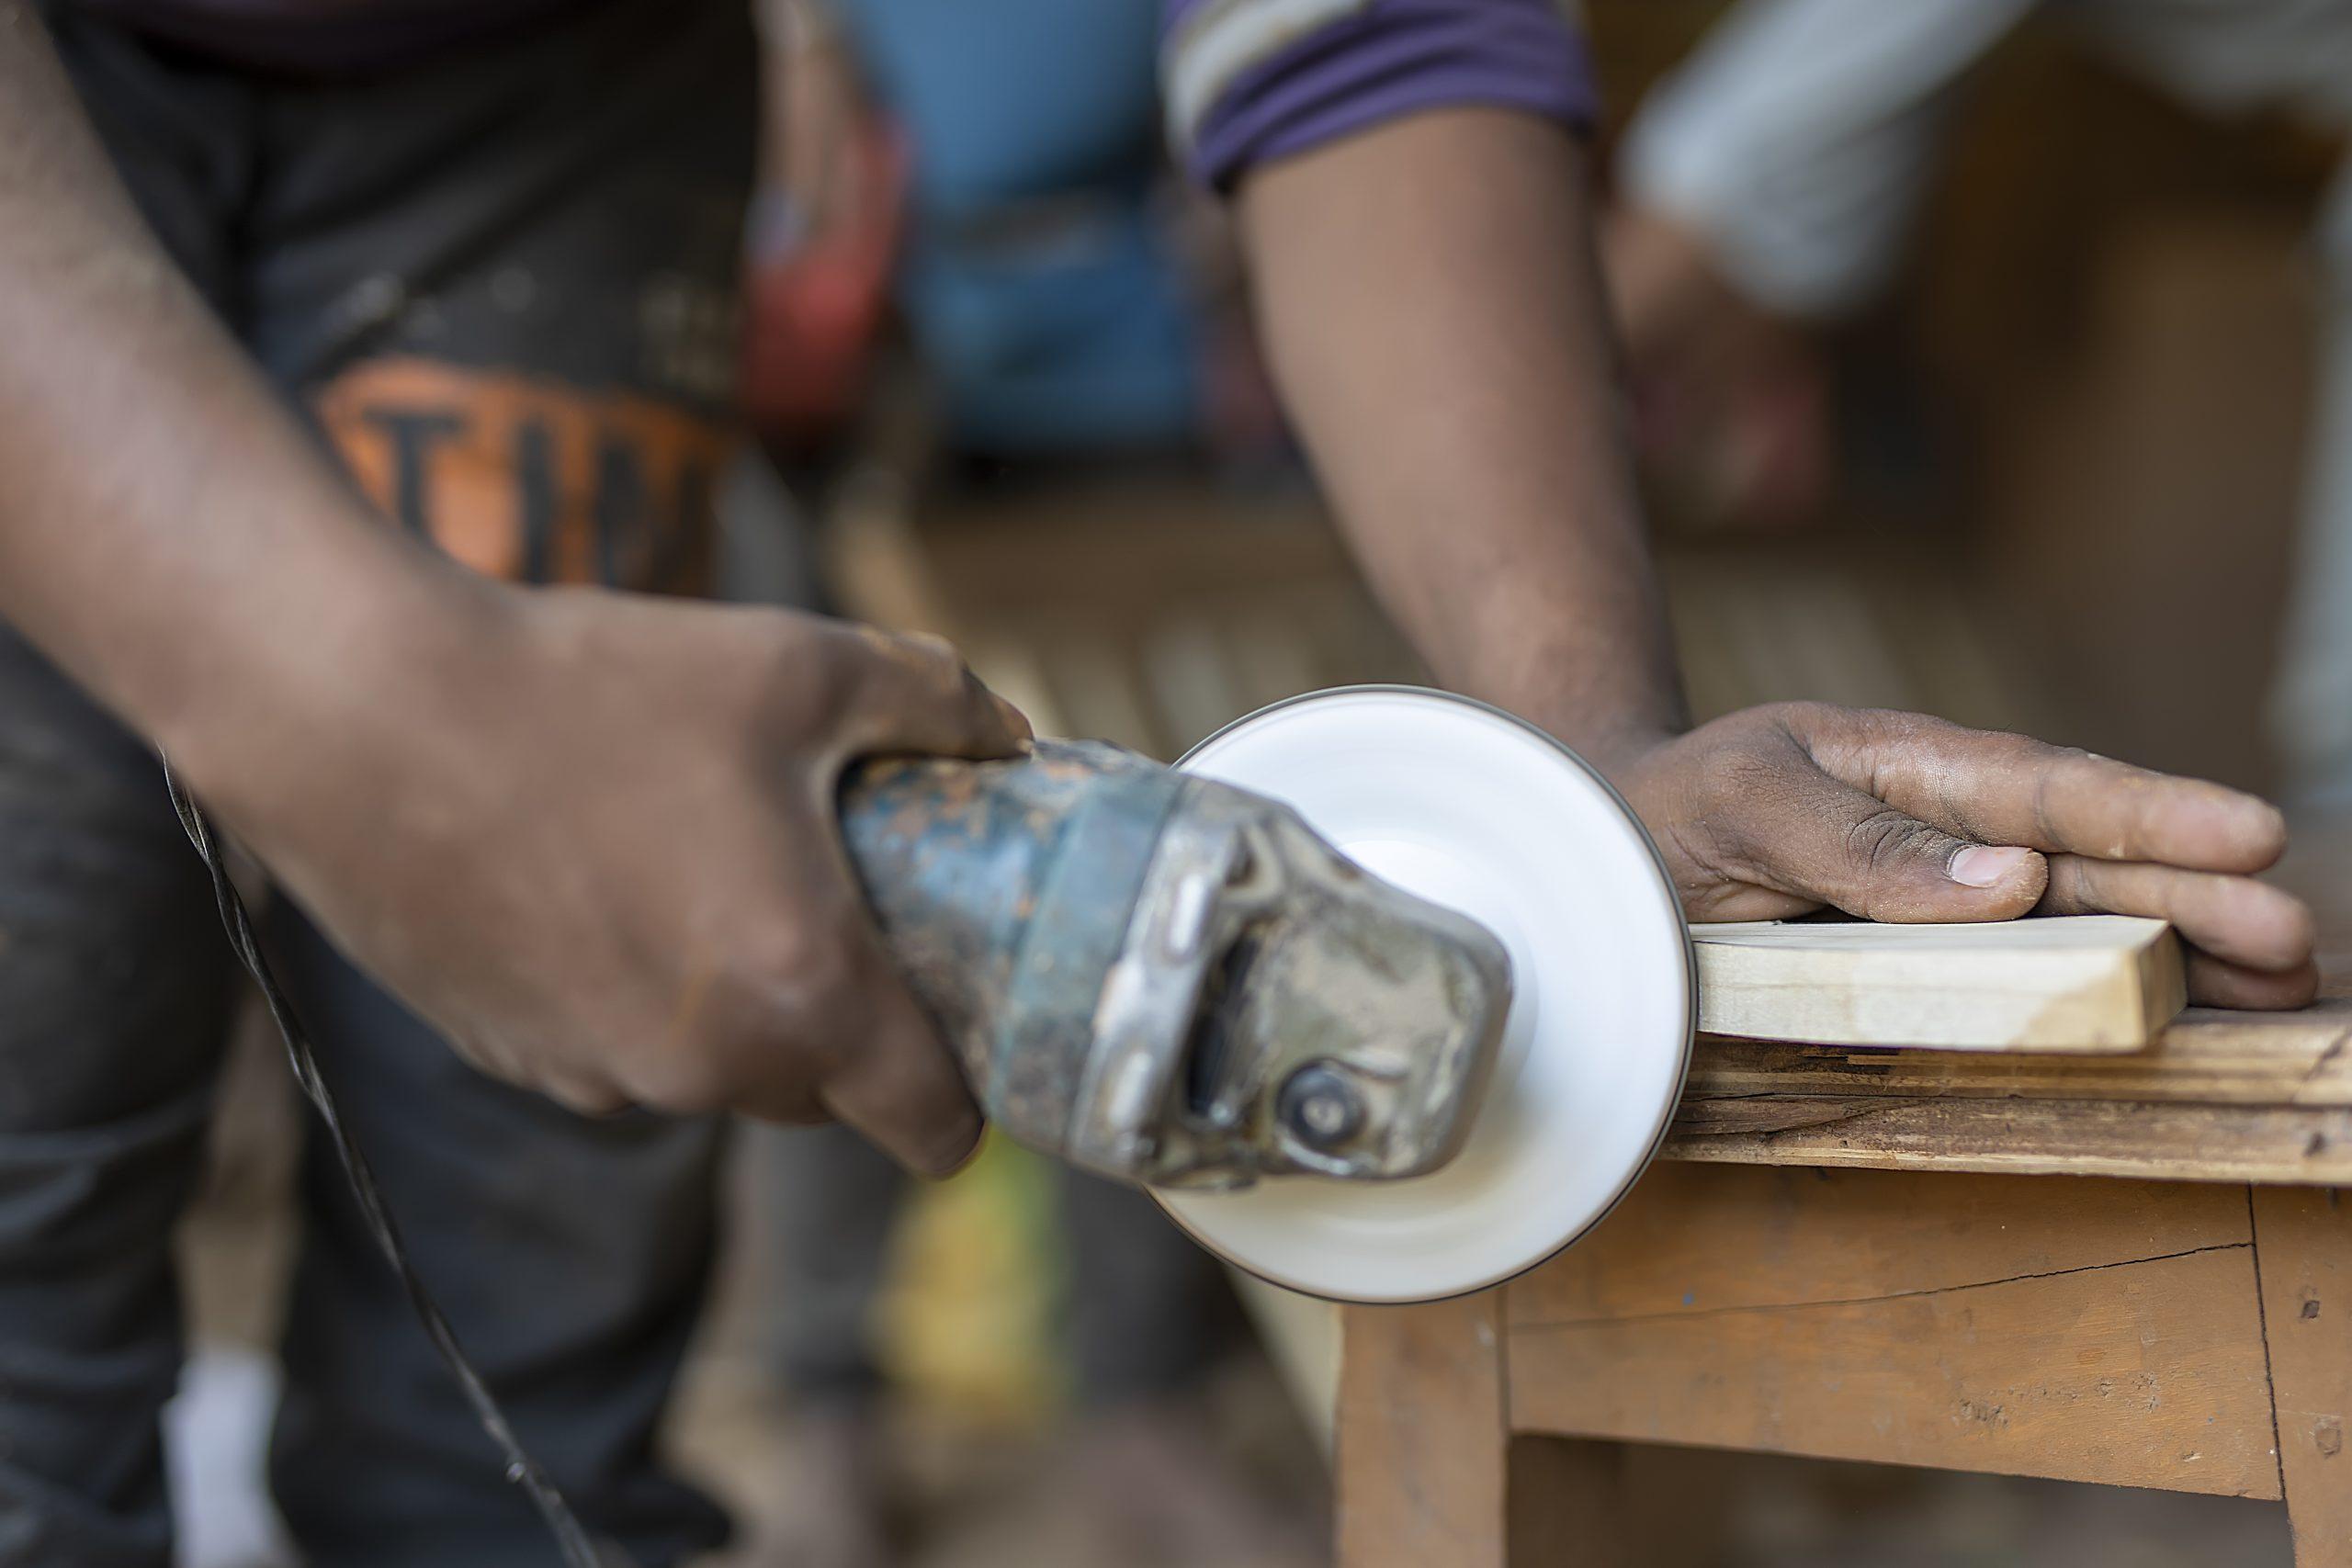 A carpenter cutting a wooden piece